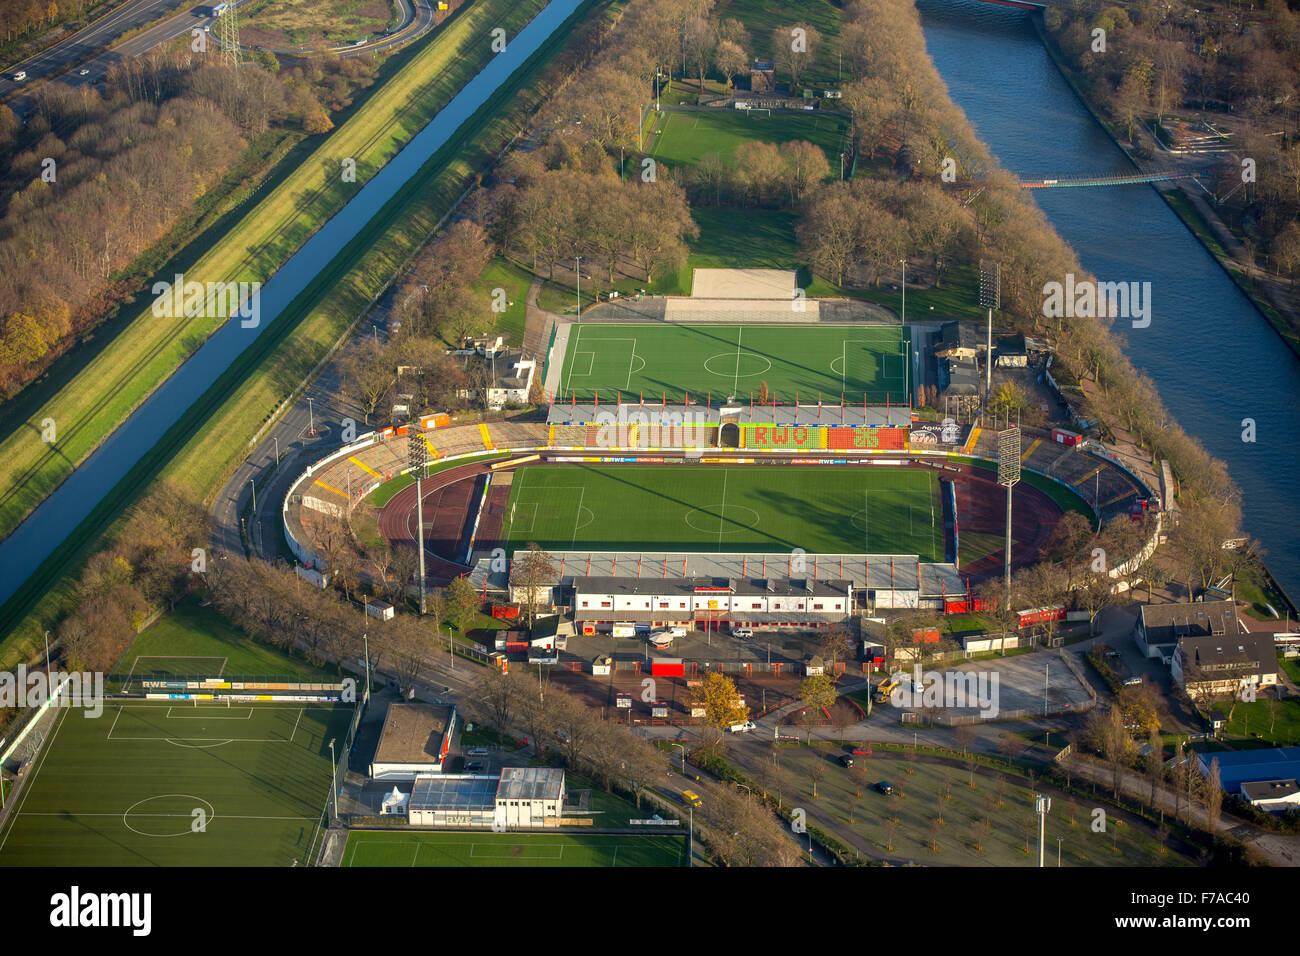 RWO Stadium, Niederrheinstadion Oberhausen between Emscher and Rhine-Herne Canal, Oberhausen, Oberhausen, Ruhr - Stock Image